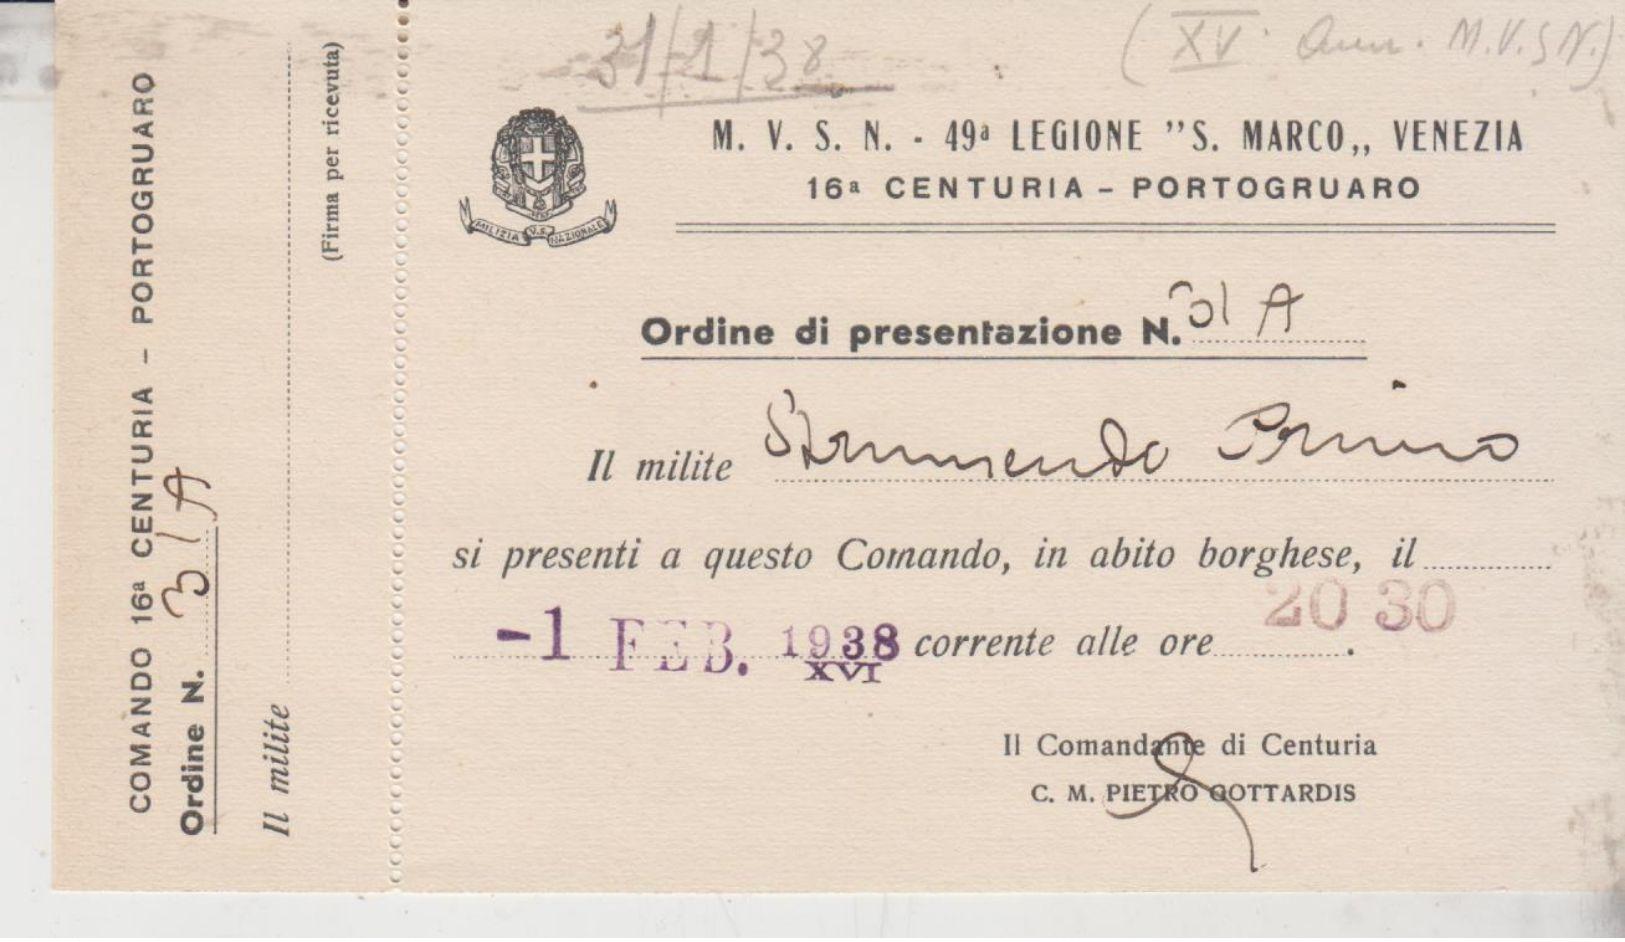 Portogruaro Comando 16° Centuria 49° Legione S. Marco Venezia Ordine N. 31/a Del 1938 - Venezia